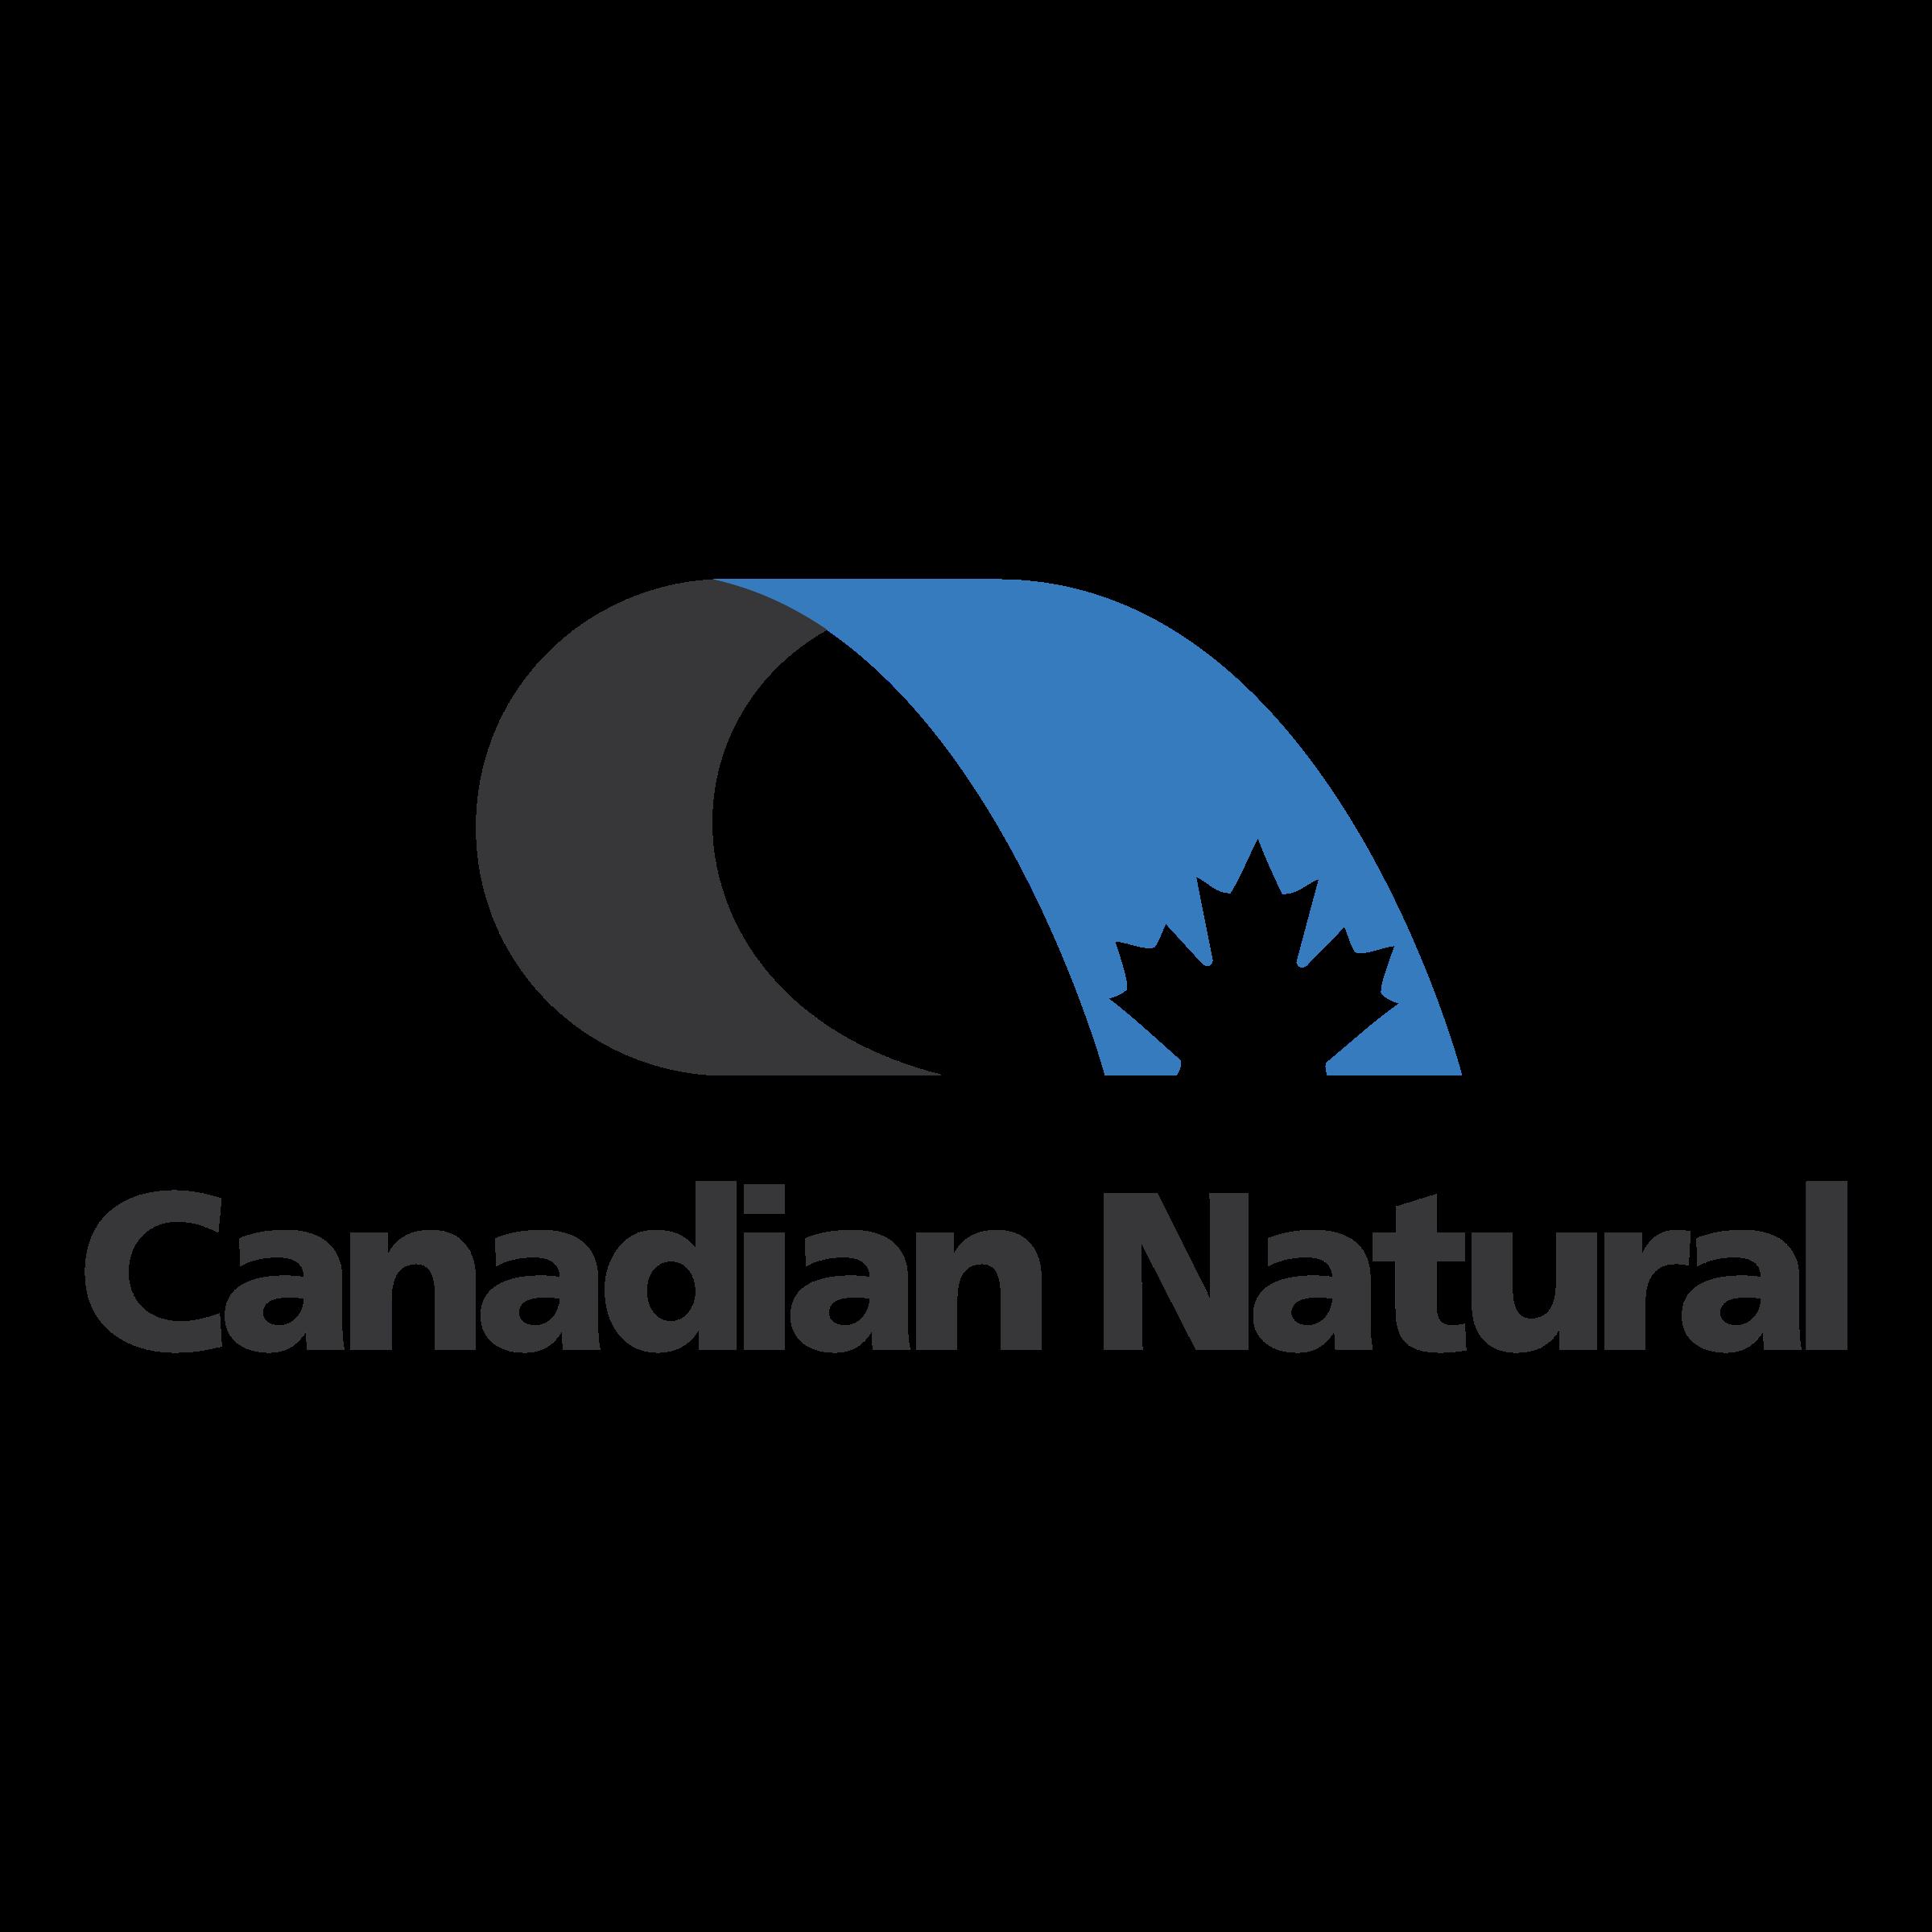 canadian-natural-logo-png-transparent.png